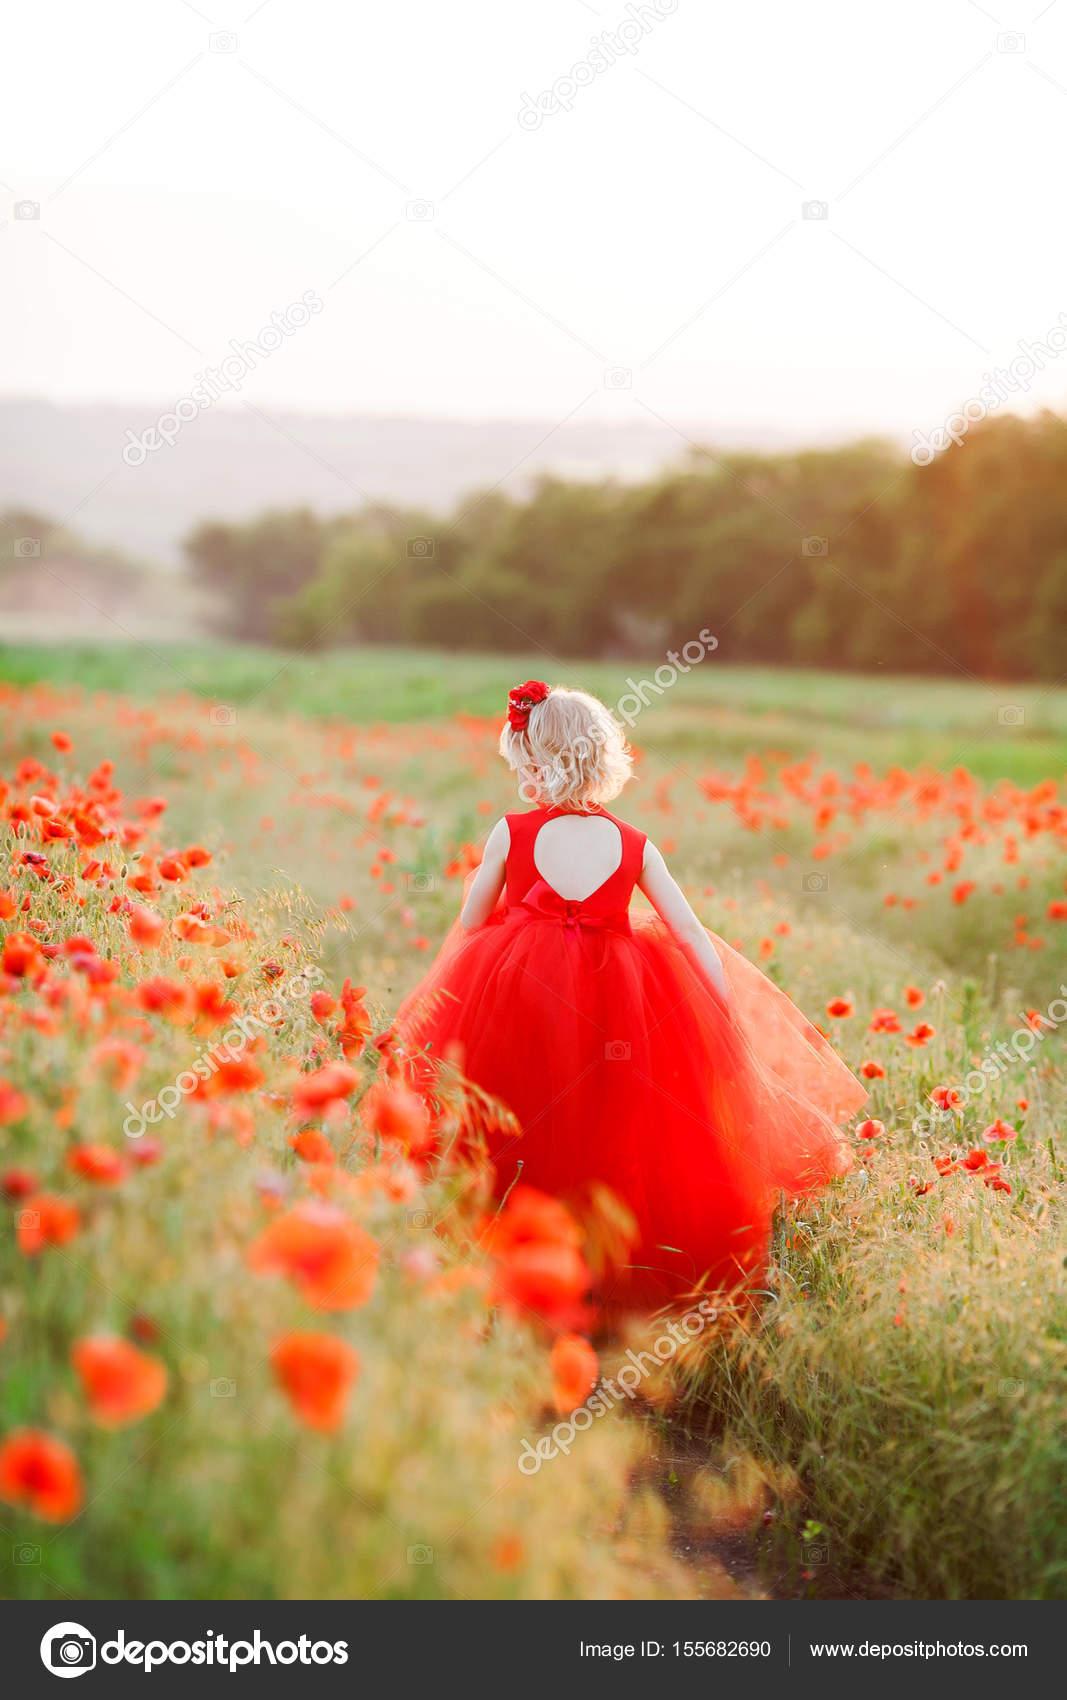 5d6a03b33d Vidéken, a gyermekkor, ünnepek, nyári koncepció - kis szőke tündér gyönyörű  scarlet buzis ruha, tüll szoknya, rohant a mező Pipacsok — Fotó szerzőtől  ...